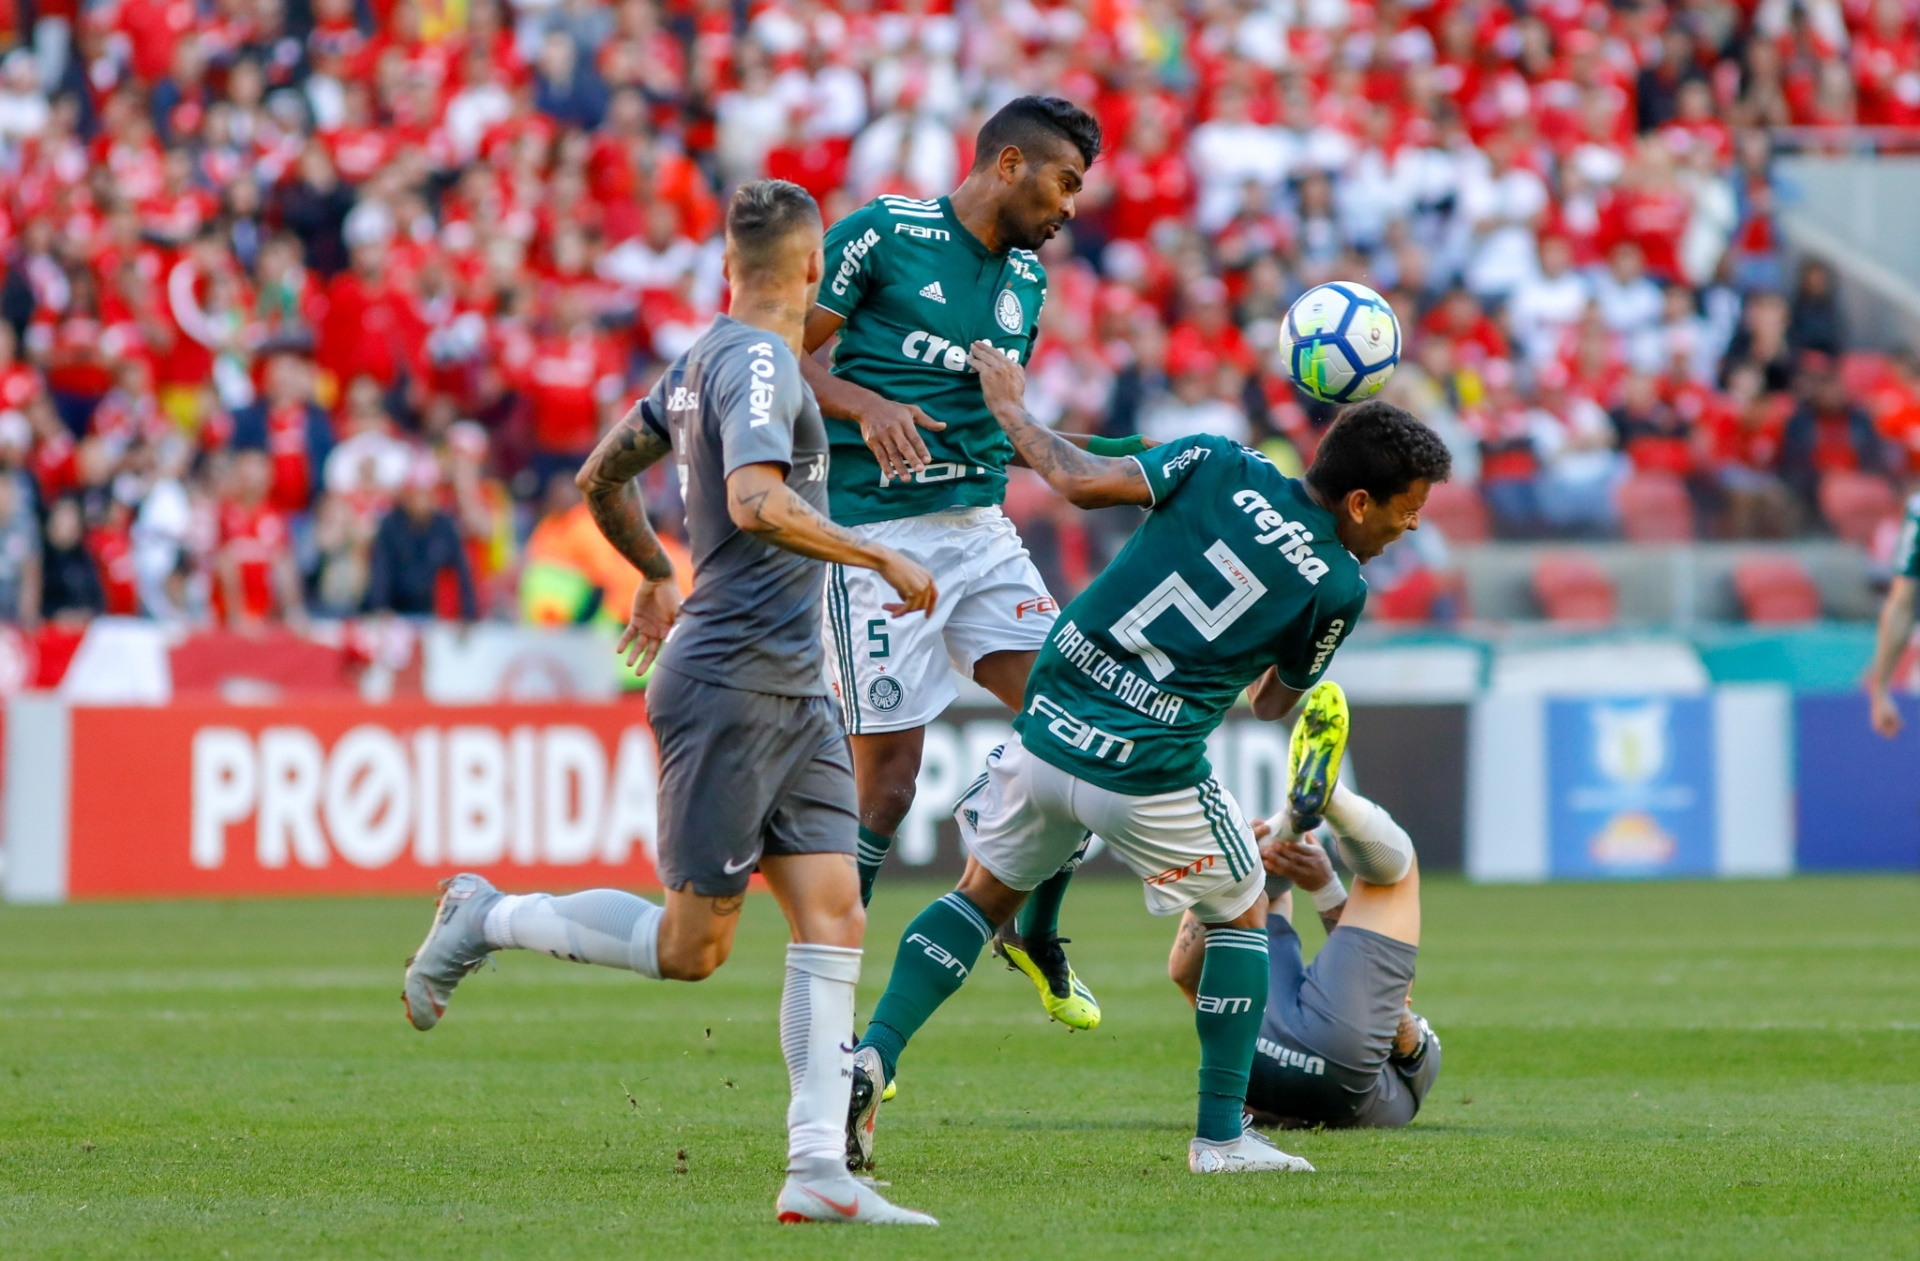 2b33790479 Felipão confirma Thiago Santos titular e escala Palmeiras sem surpresas -  20/09/2018 - UOL Esporte